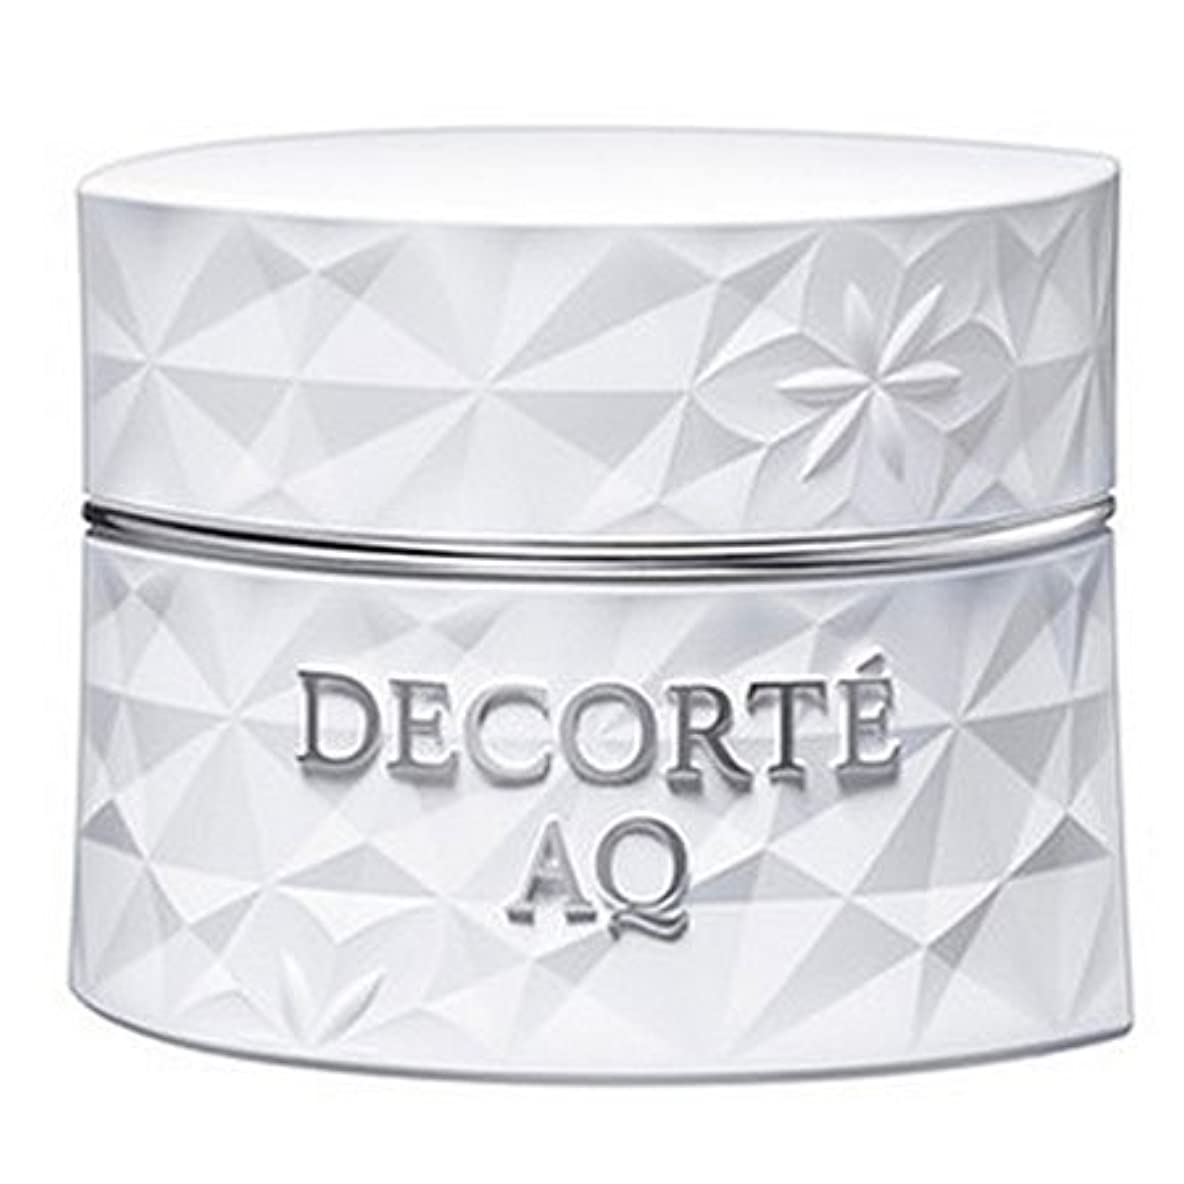 予備海外凍ったコスメデコルテ AQ ホワイトニング クリーム 25g-COSME DECORTE-